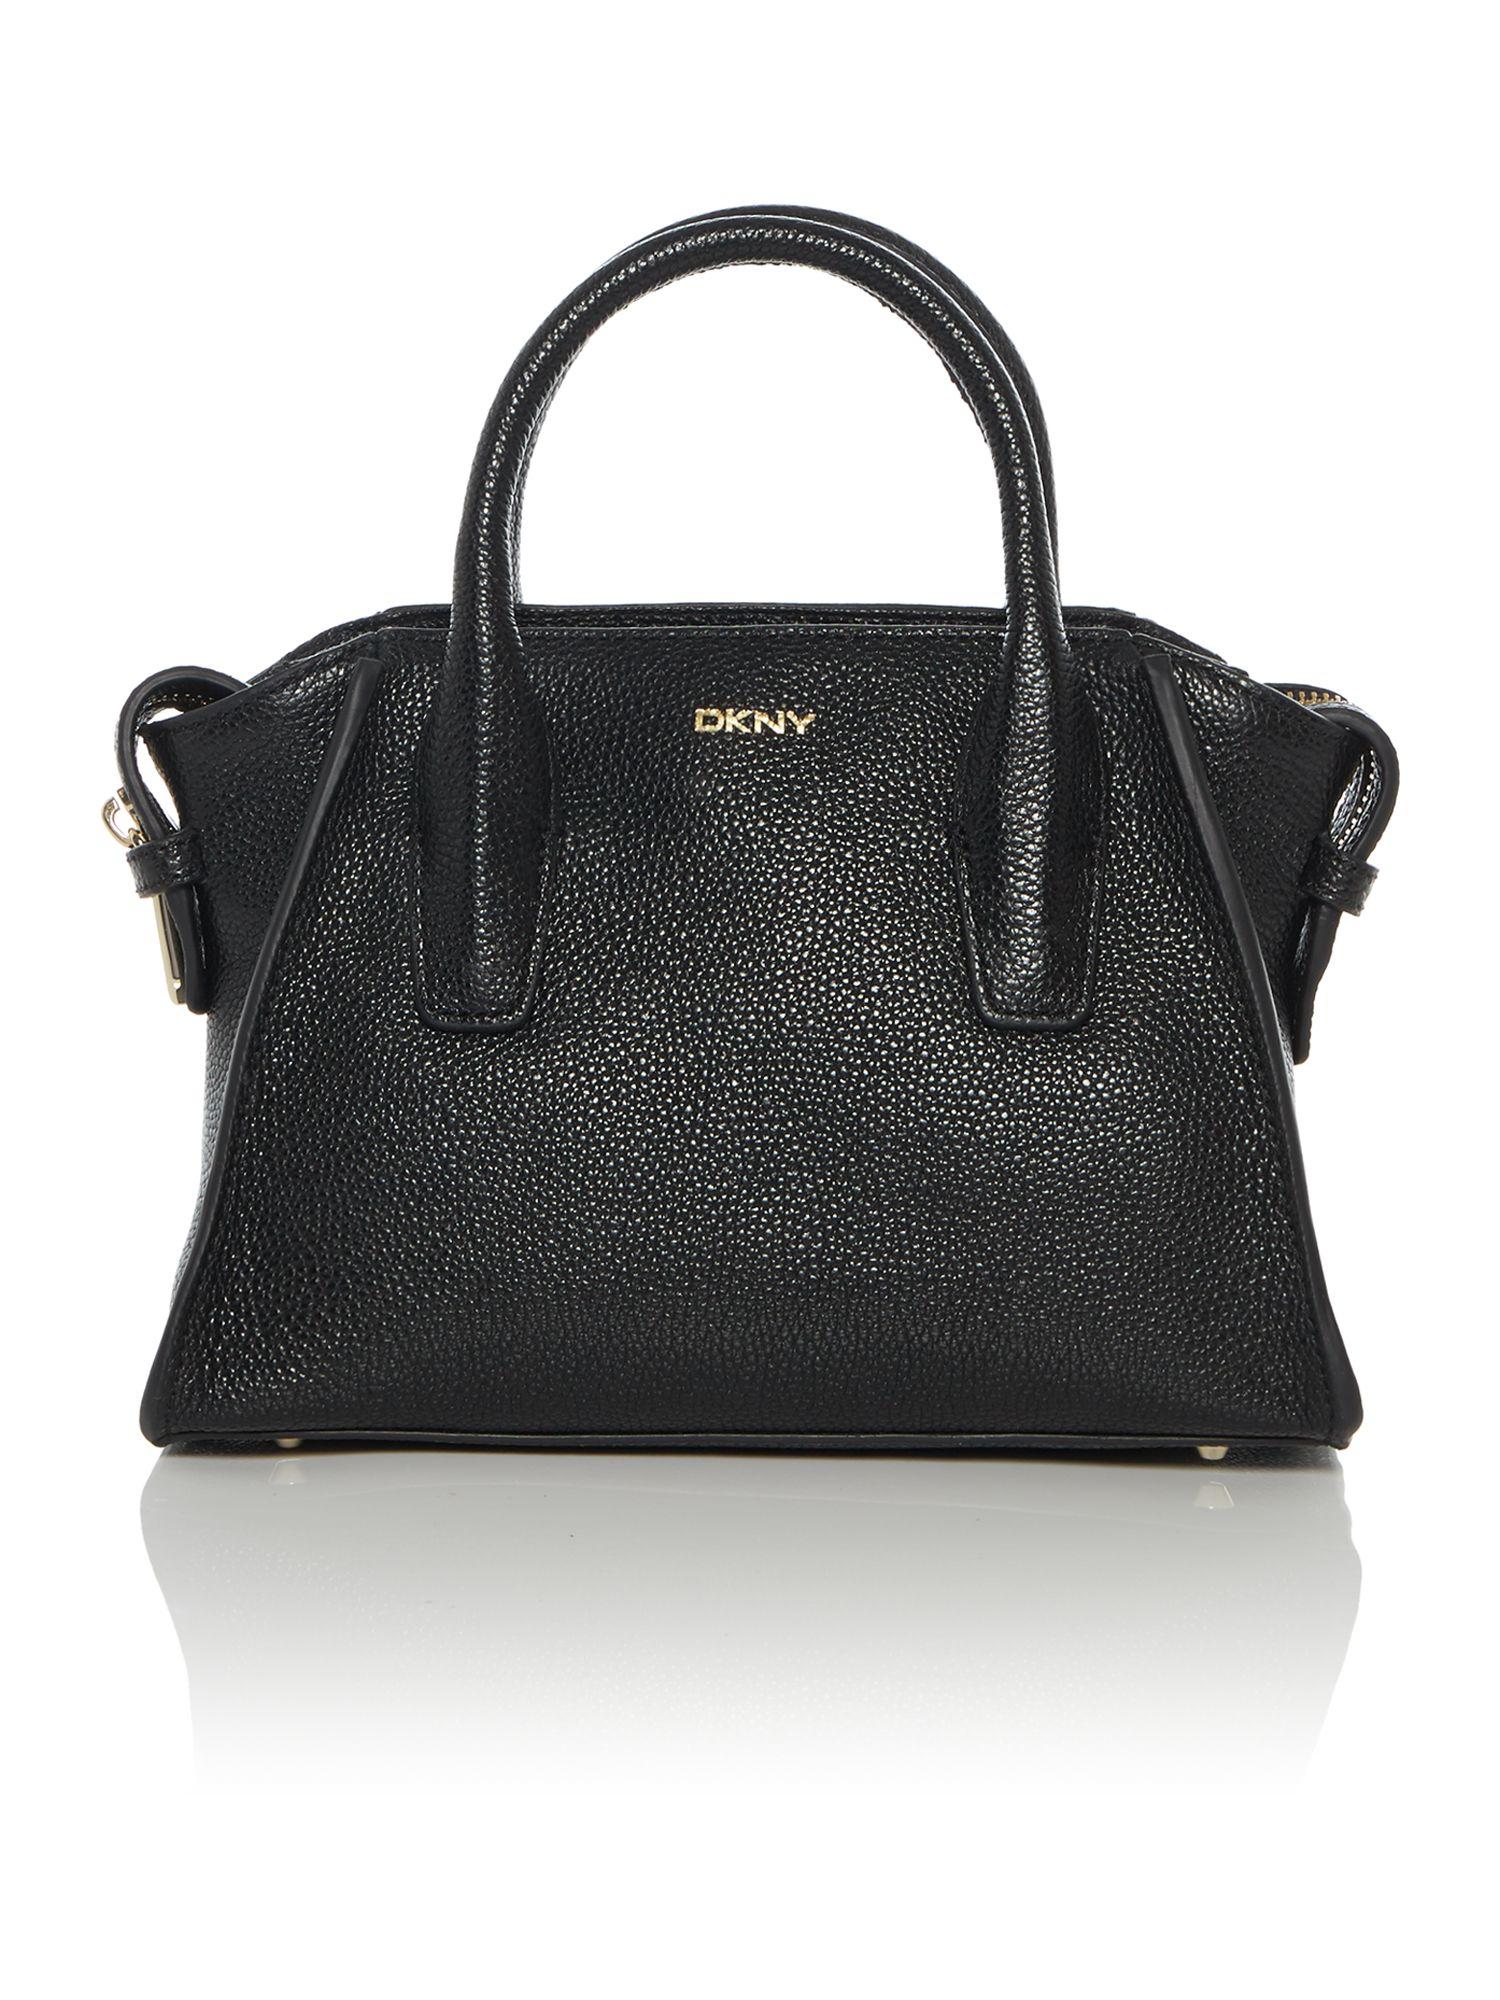 Dkny Chelsea Vintage Black Mini Satchel Bag in Black | Lyst